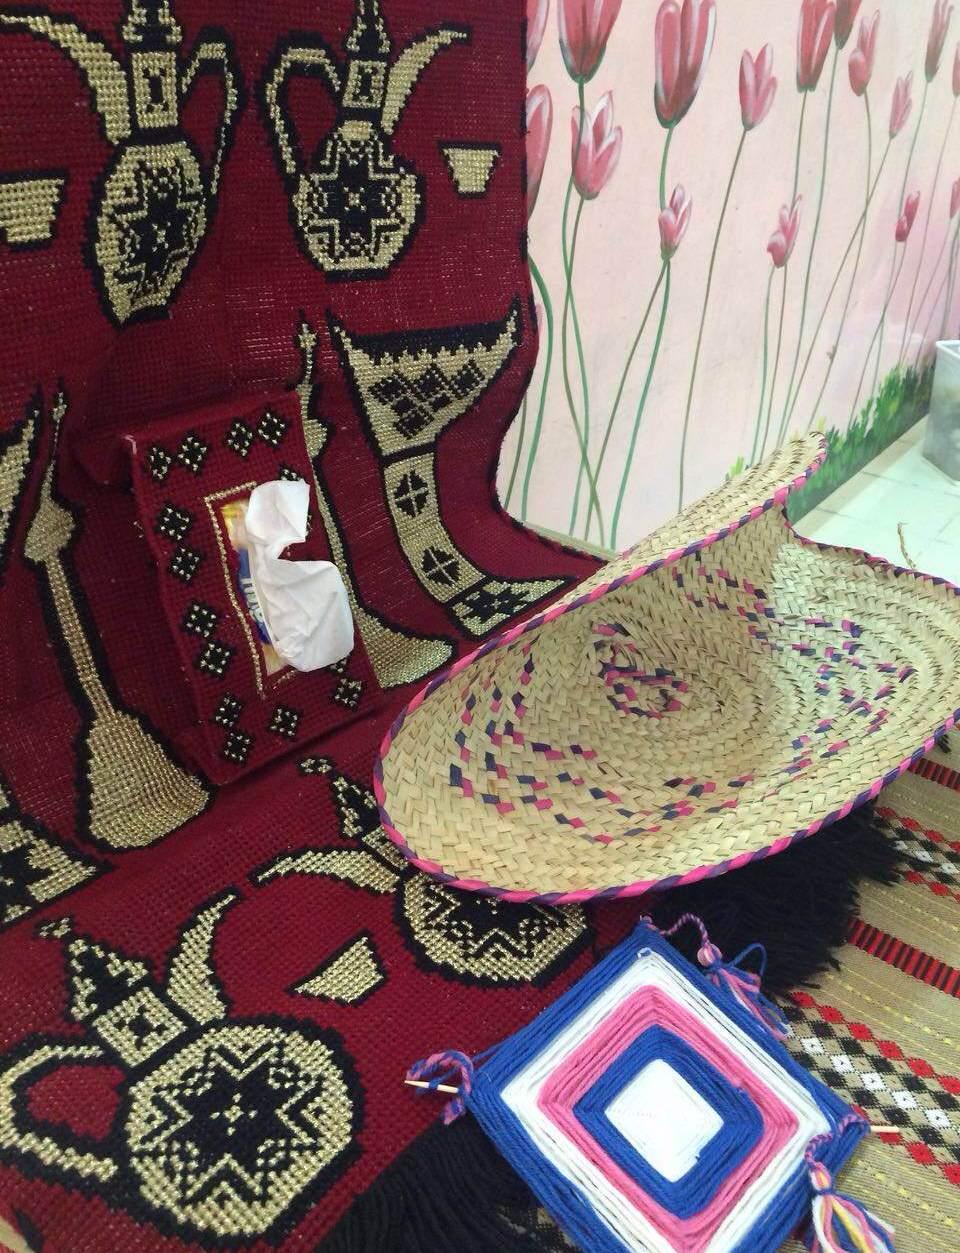 اختتام فعاليات مهرجان تراثنا اصالتنا بمدرسة نسيم الرياض (1)